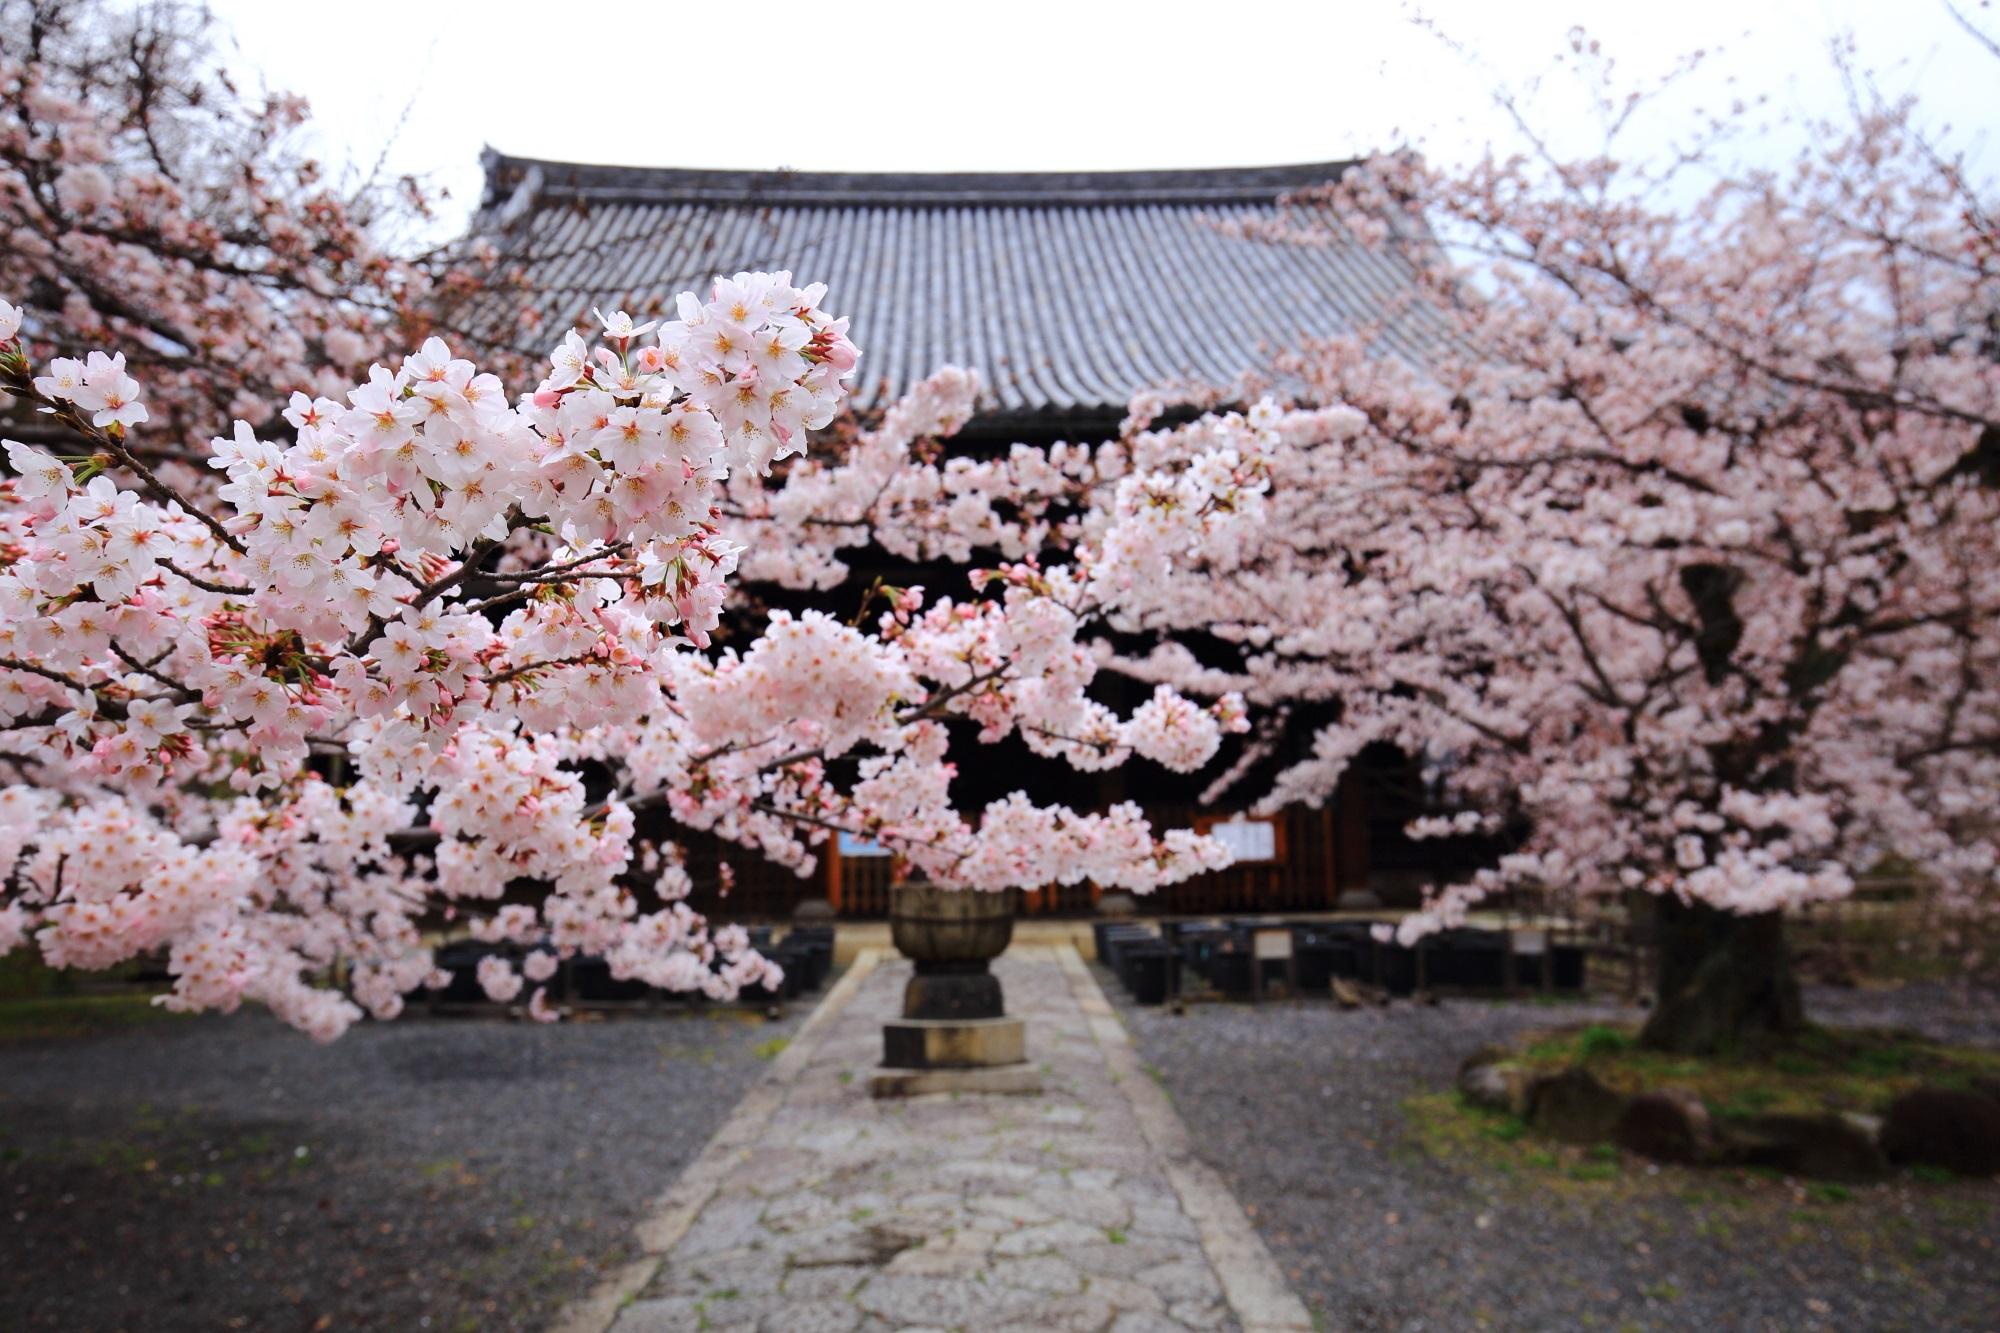 マンション建設予定の立本寺の素晴らしい桜と春の情景